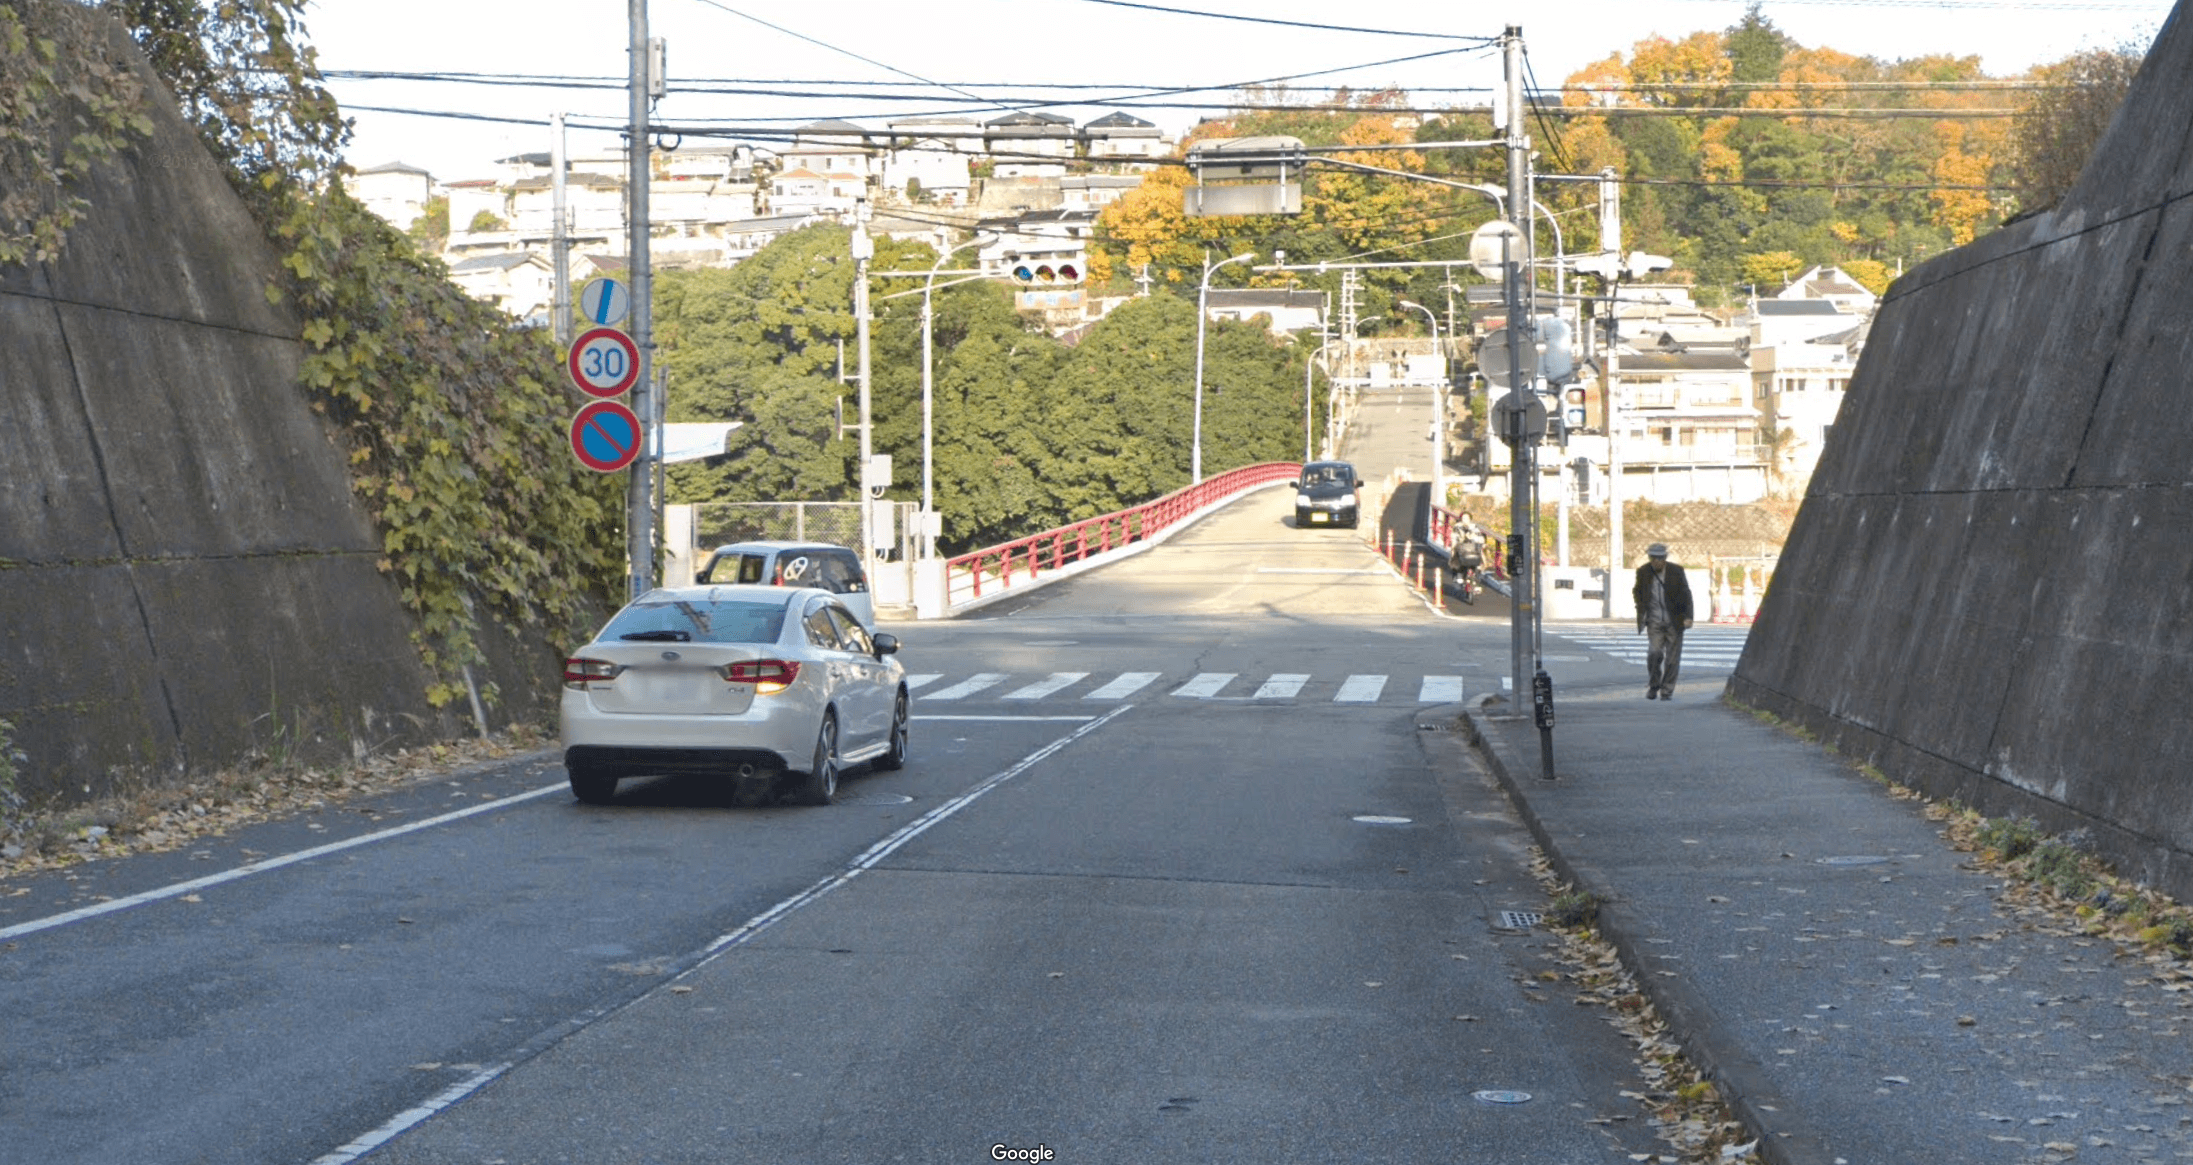 1つ目の信号を左折。高架下をくぐり抜け、1つ目に現れた信号交差点(西宝橋南詰交差点)を左に曲がる